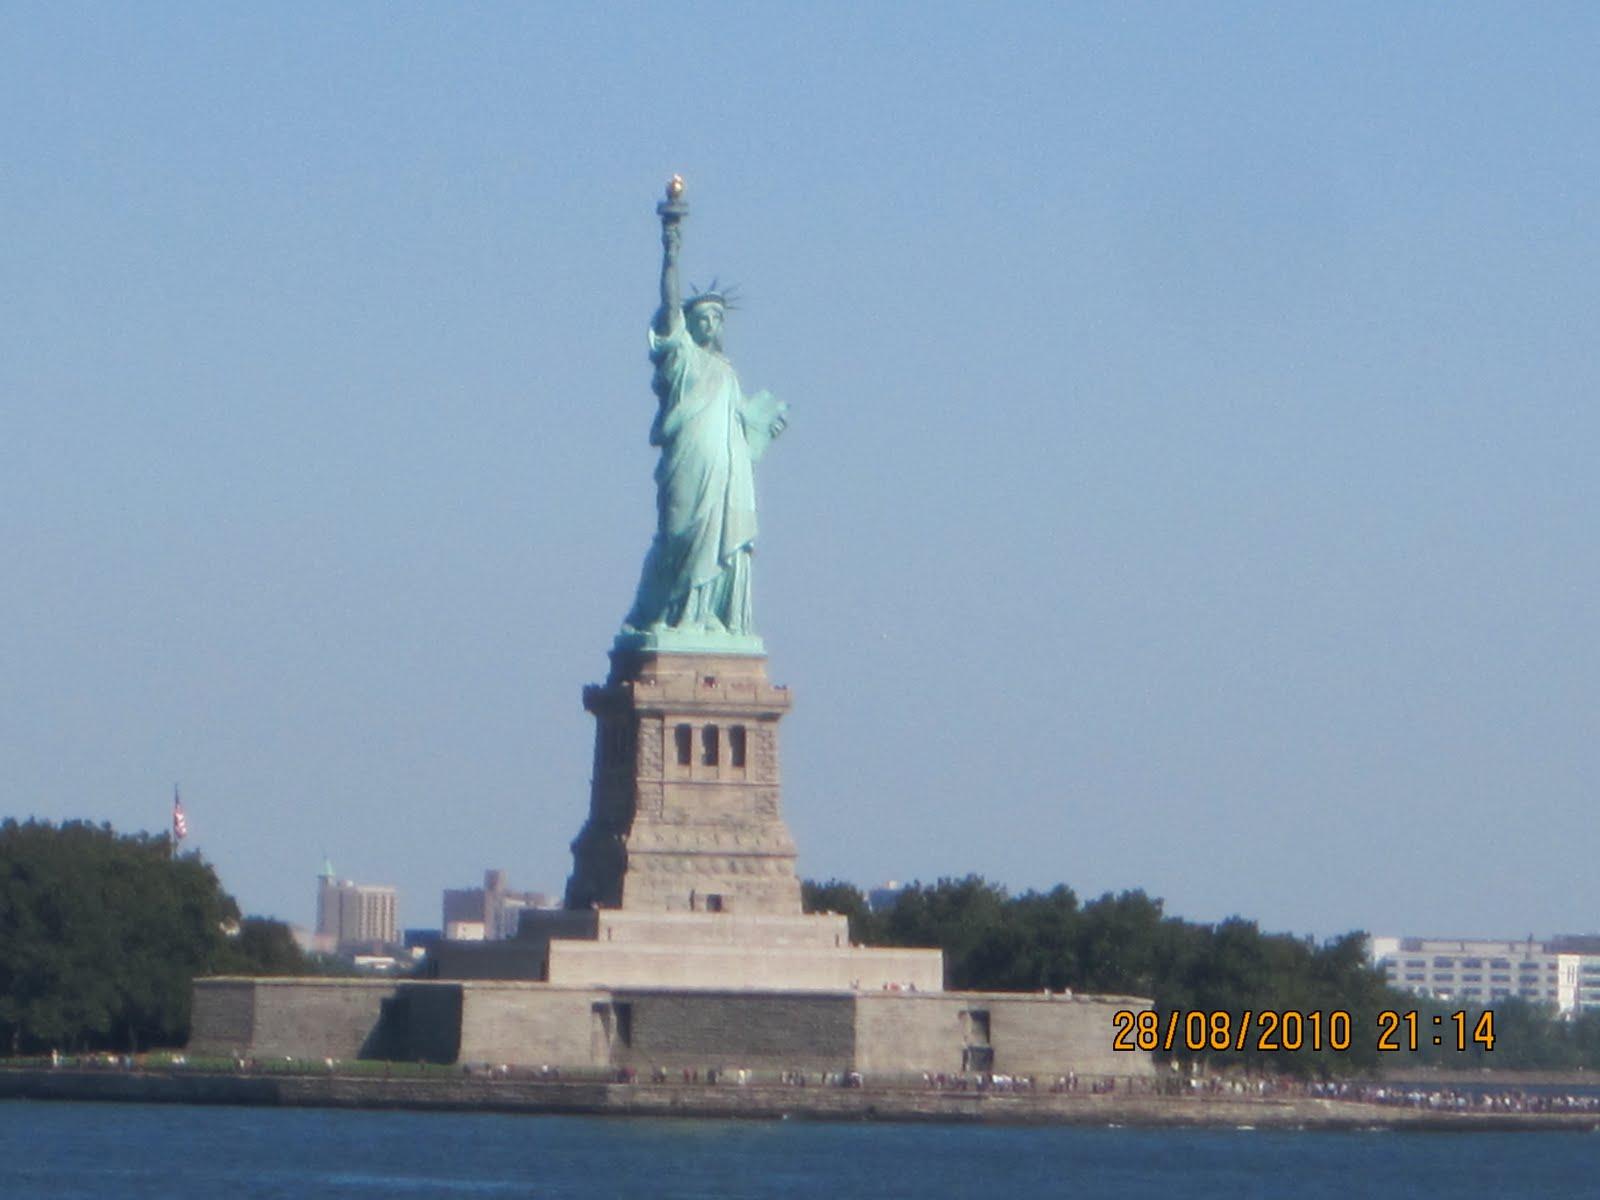 http://3.bp.blogspot.com/_Y_hZlQN3FcM/TJa72453snI/AAAAAAAAACI/vgVeRb3UyyE/s1600/IMG_8240.jpg